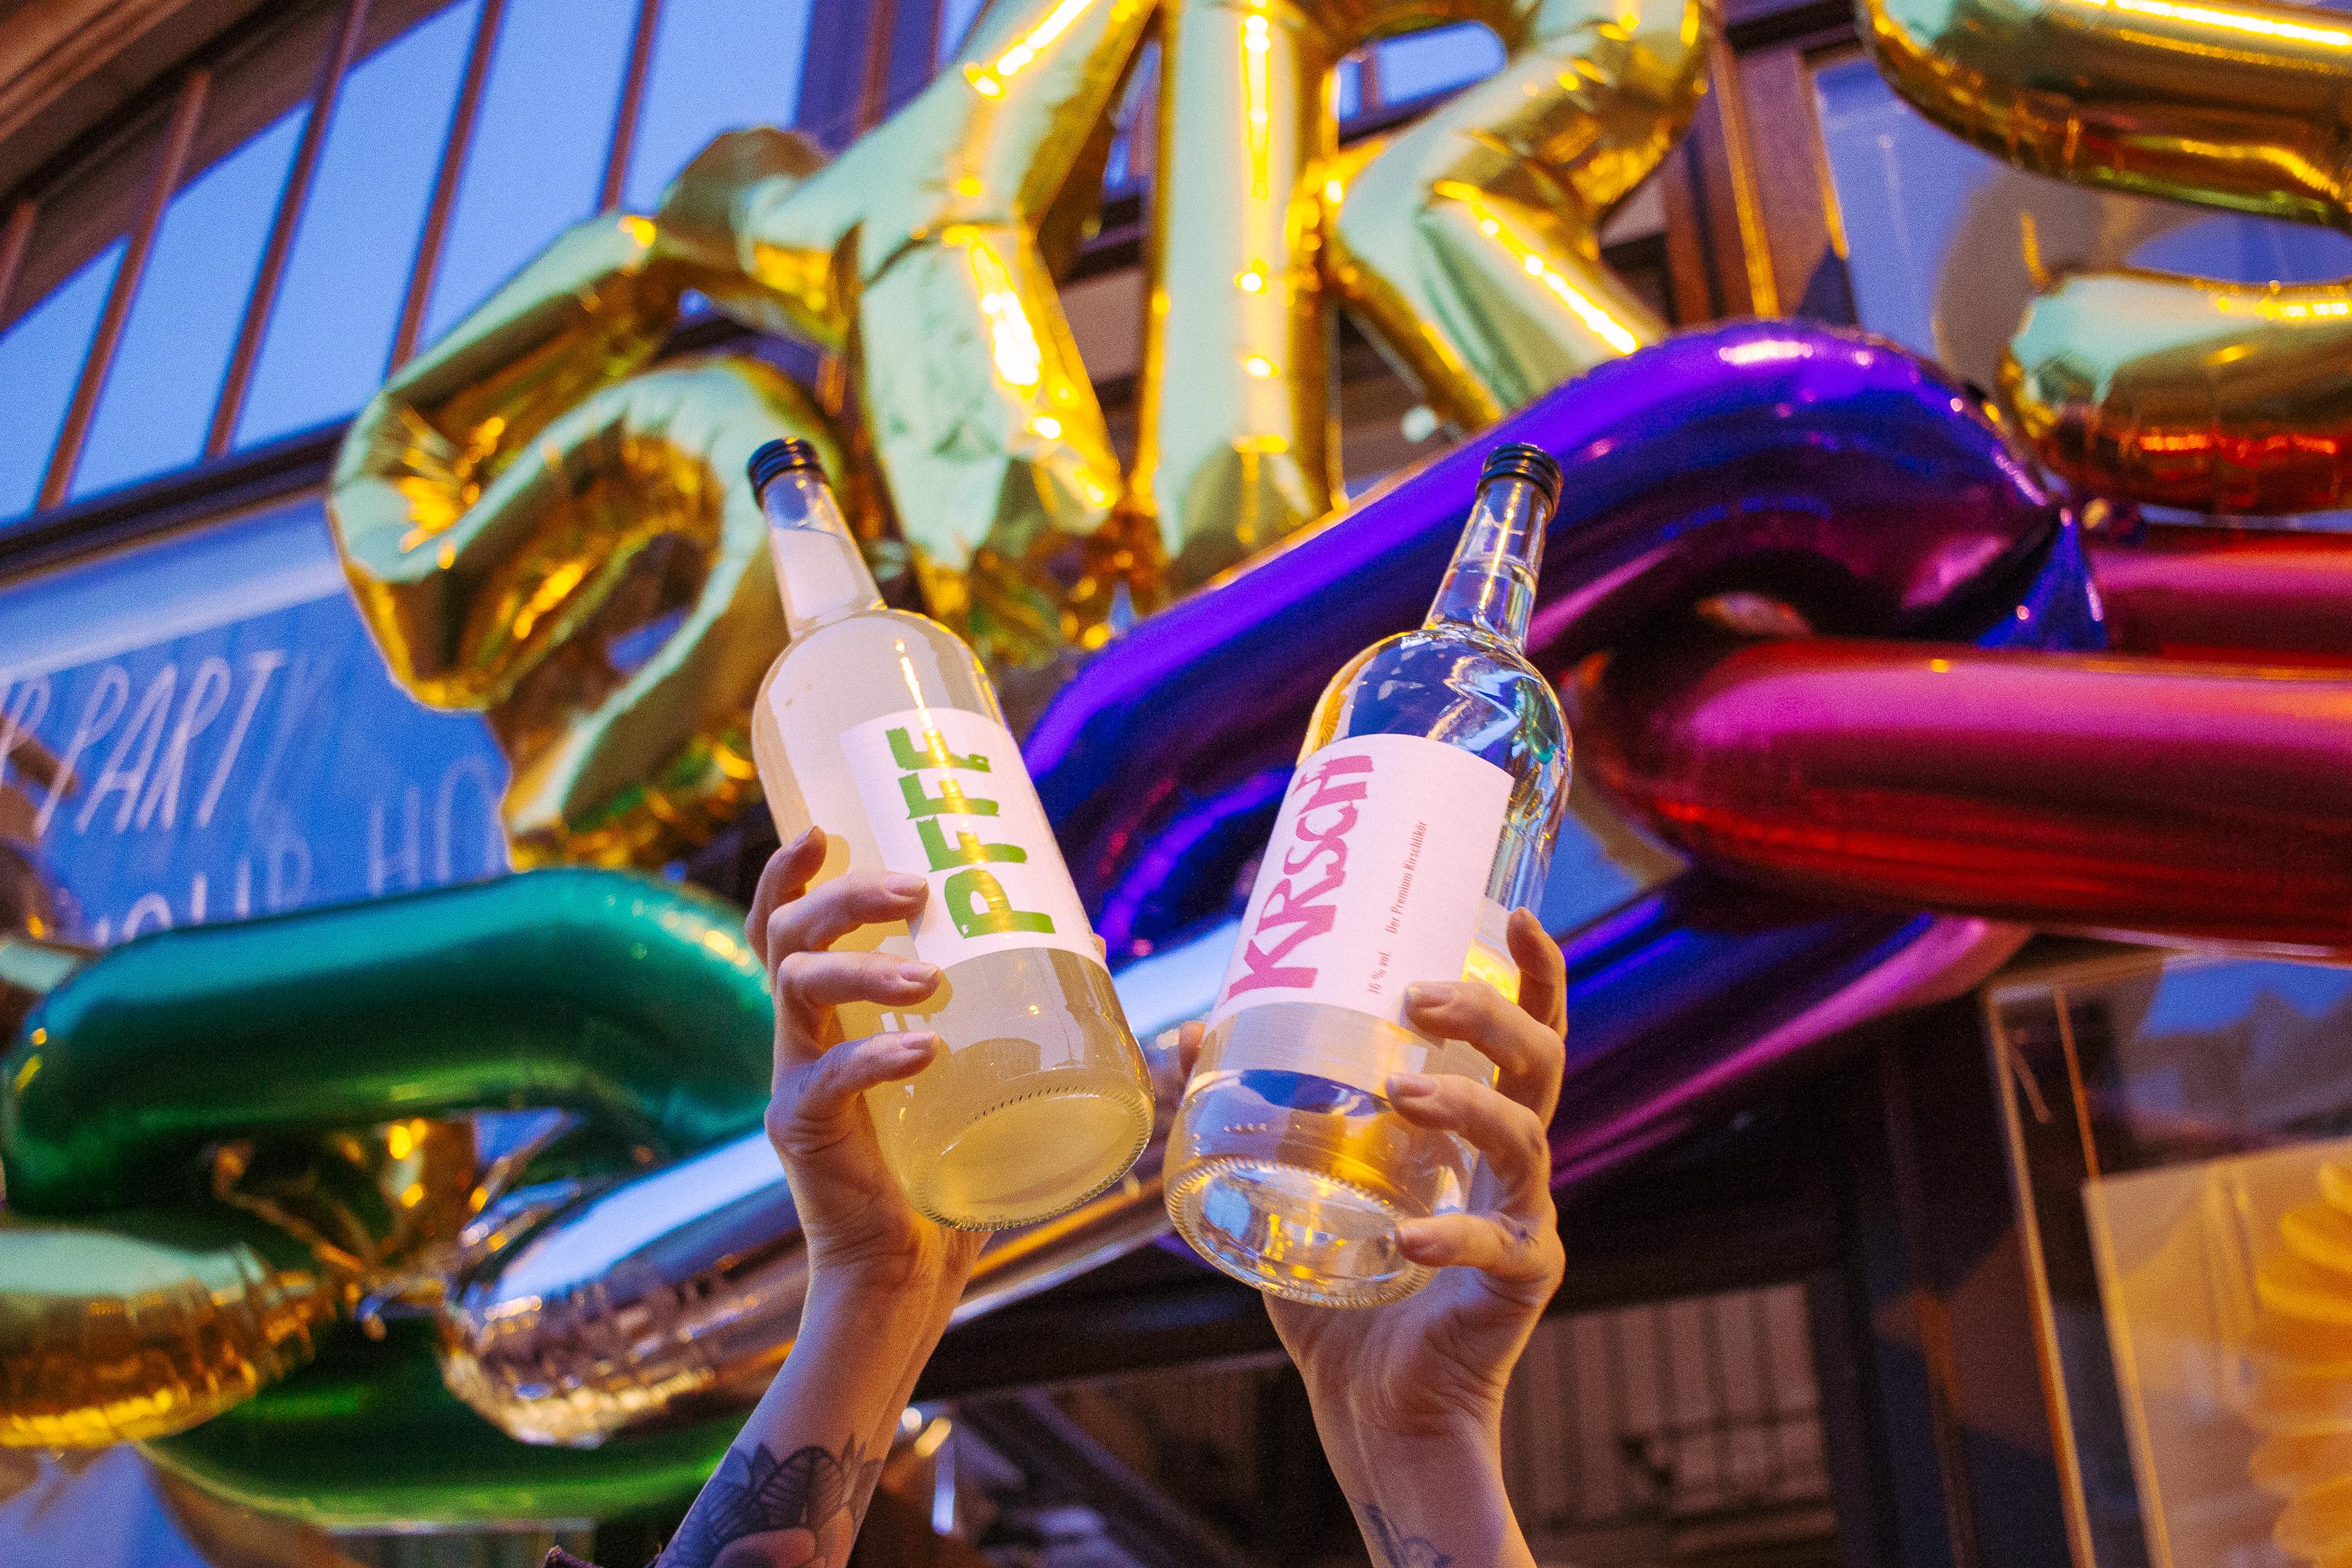 balloon fantasy partyboutique_happy 5_52